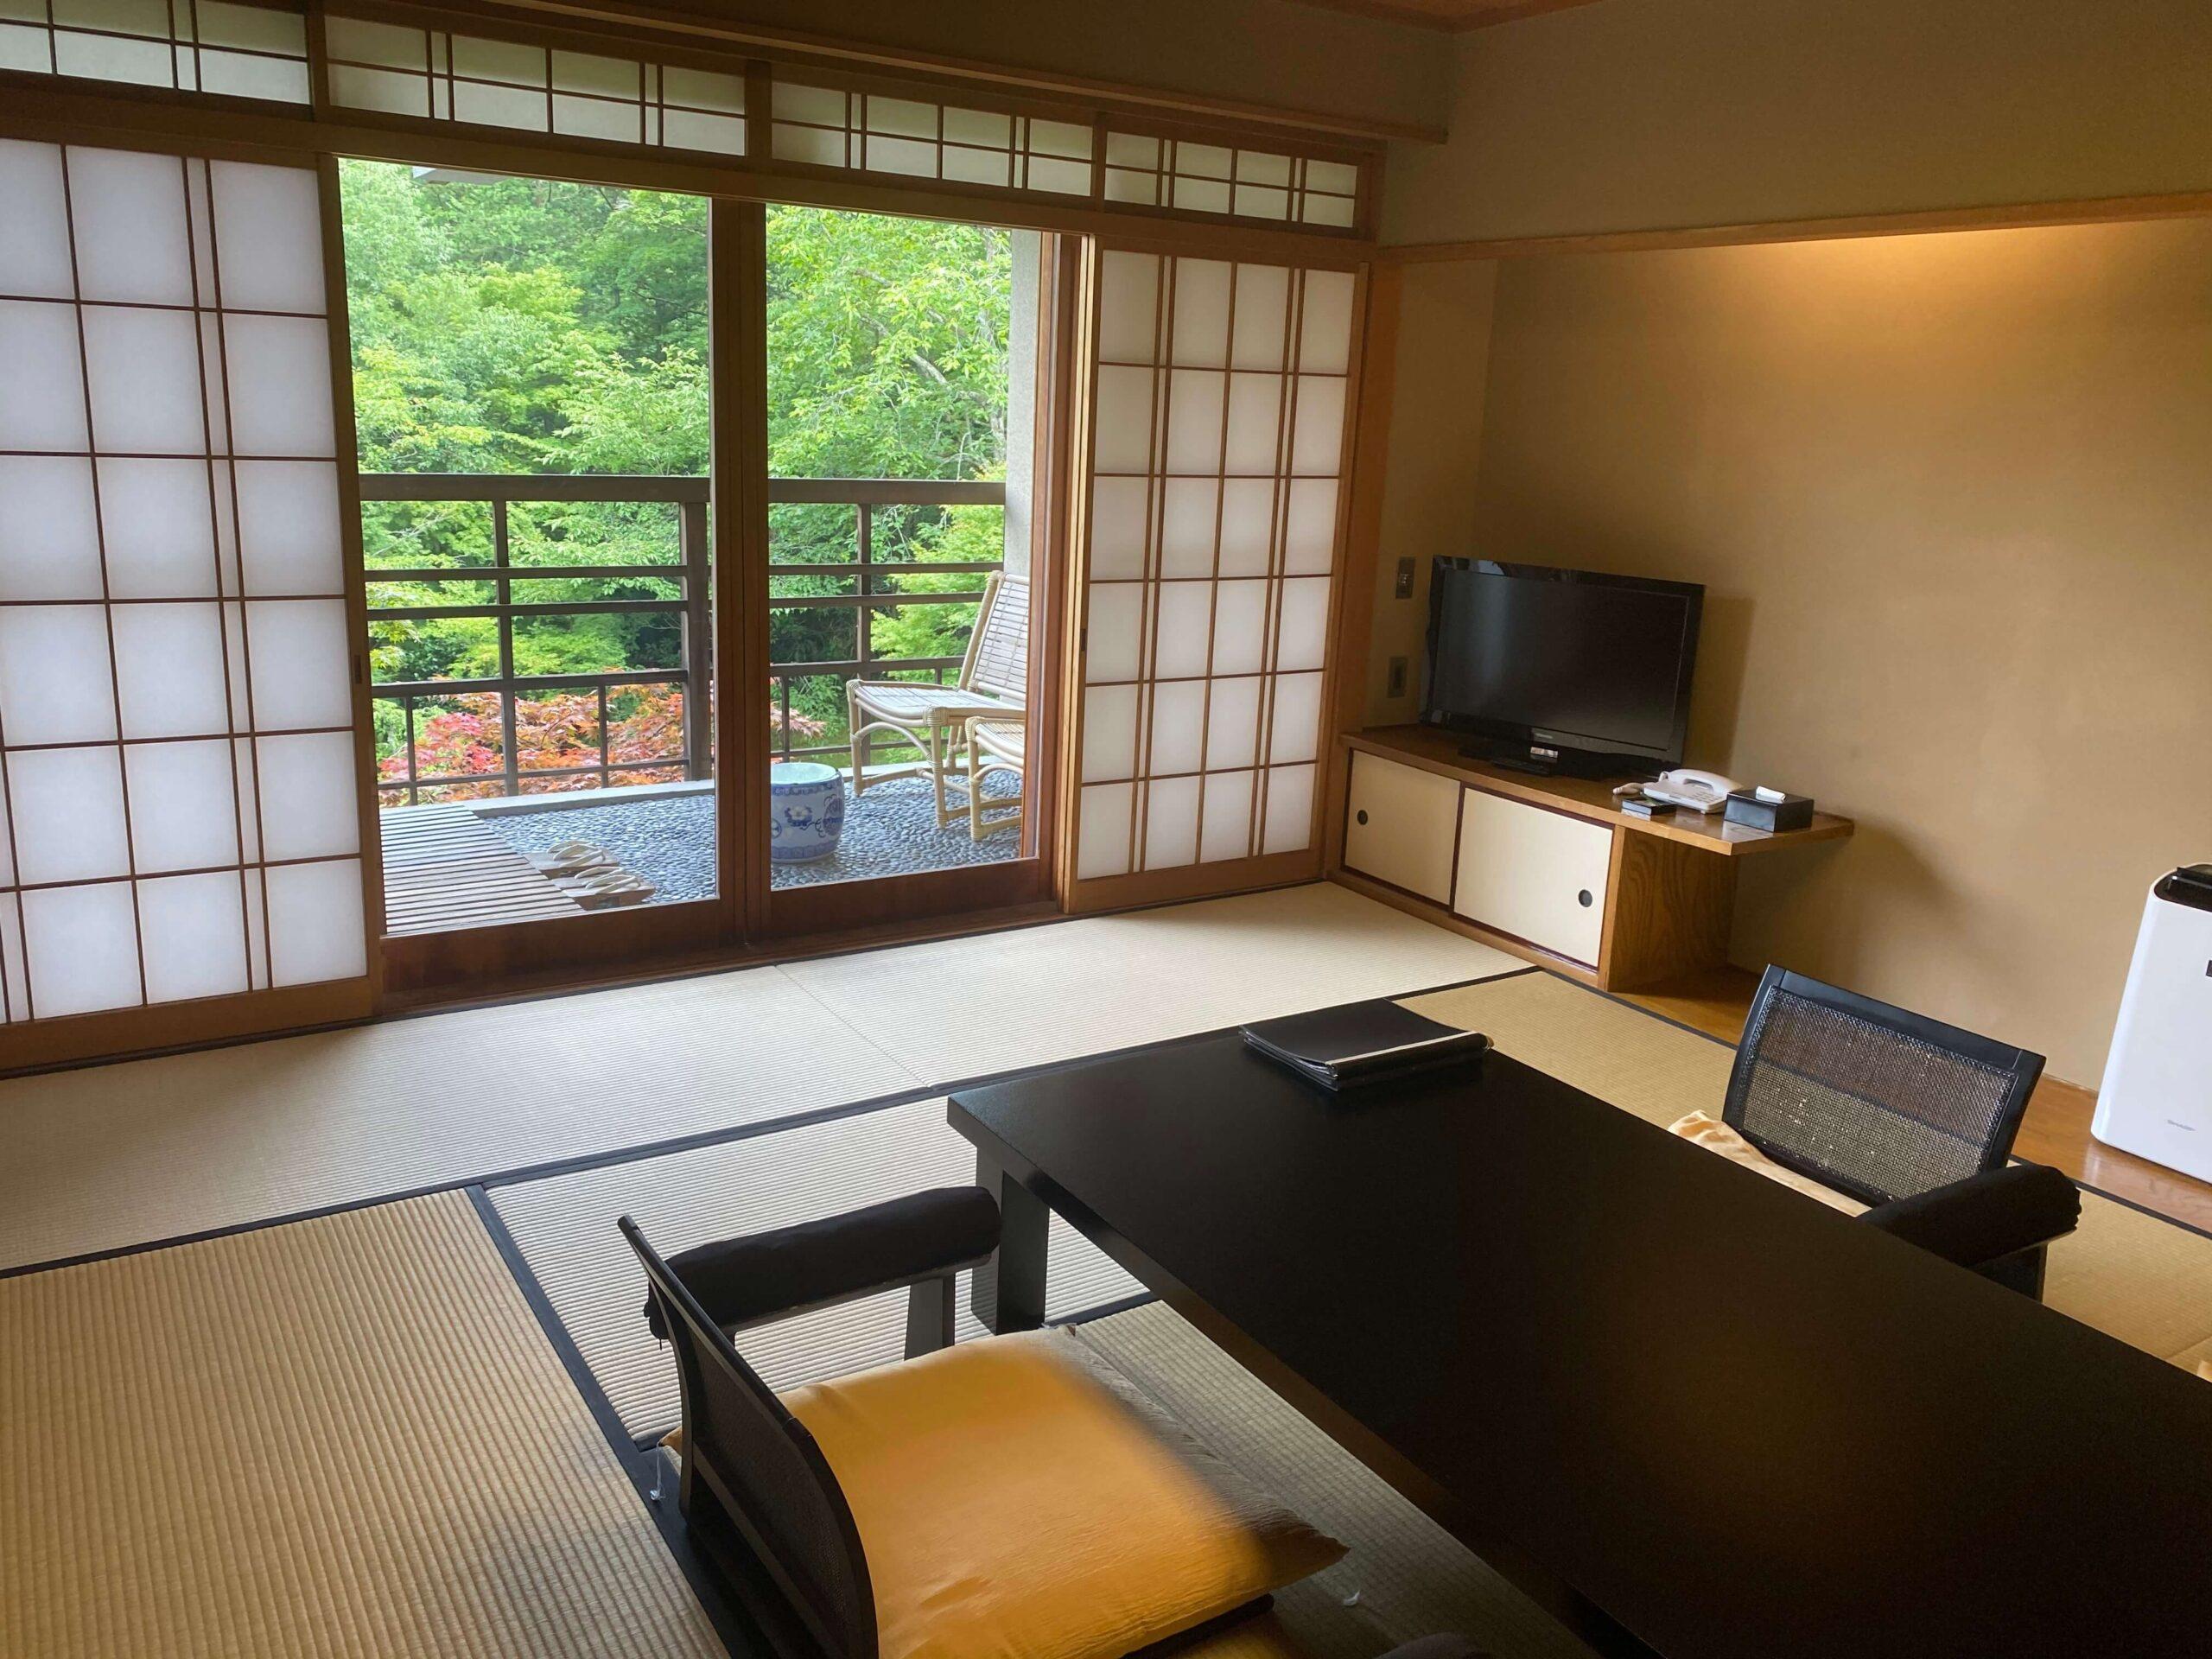 箱根の高級旅館、強羅花壇の客室(慶太ブログ)